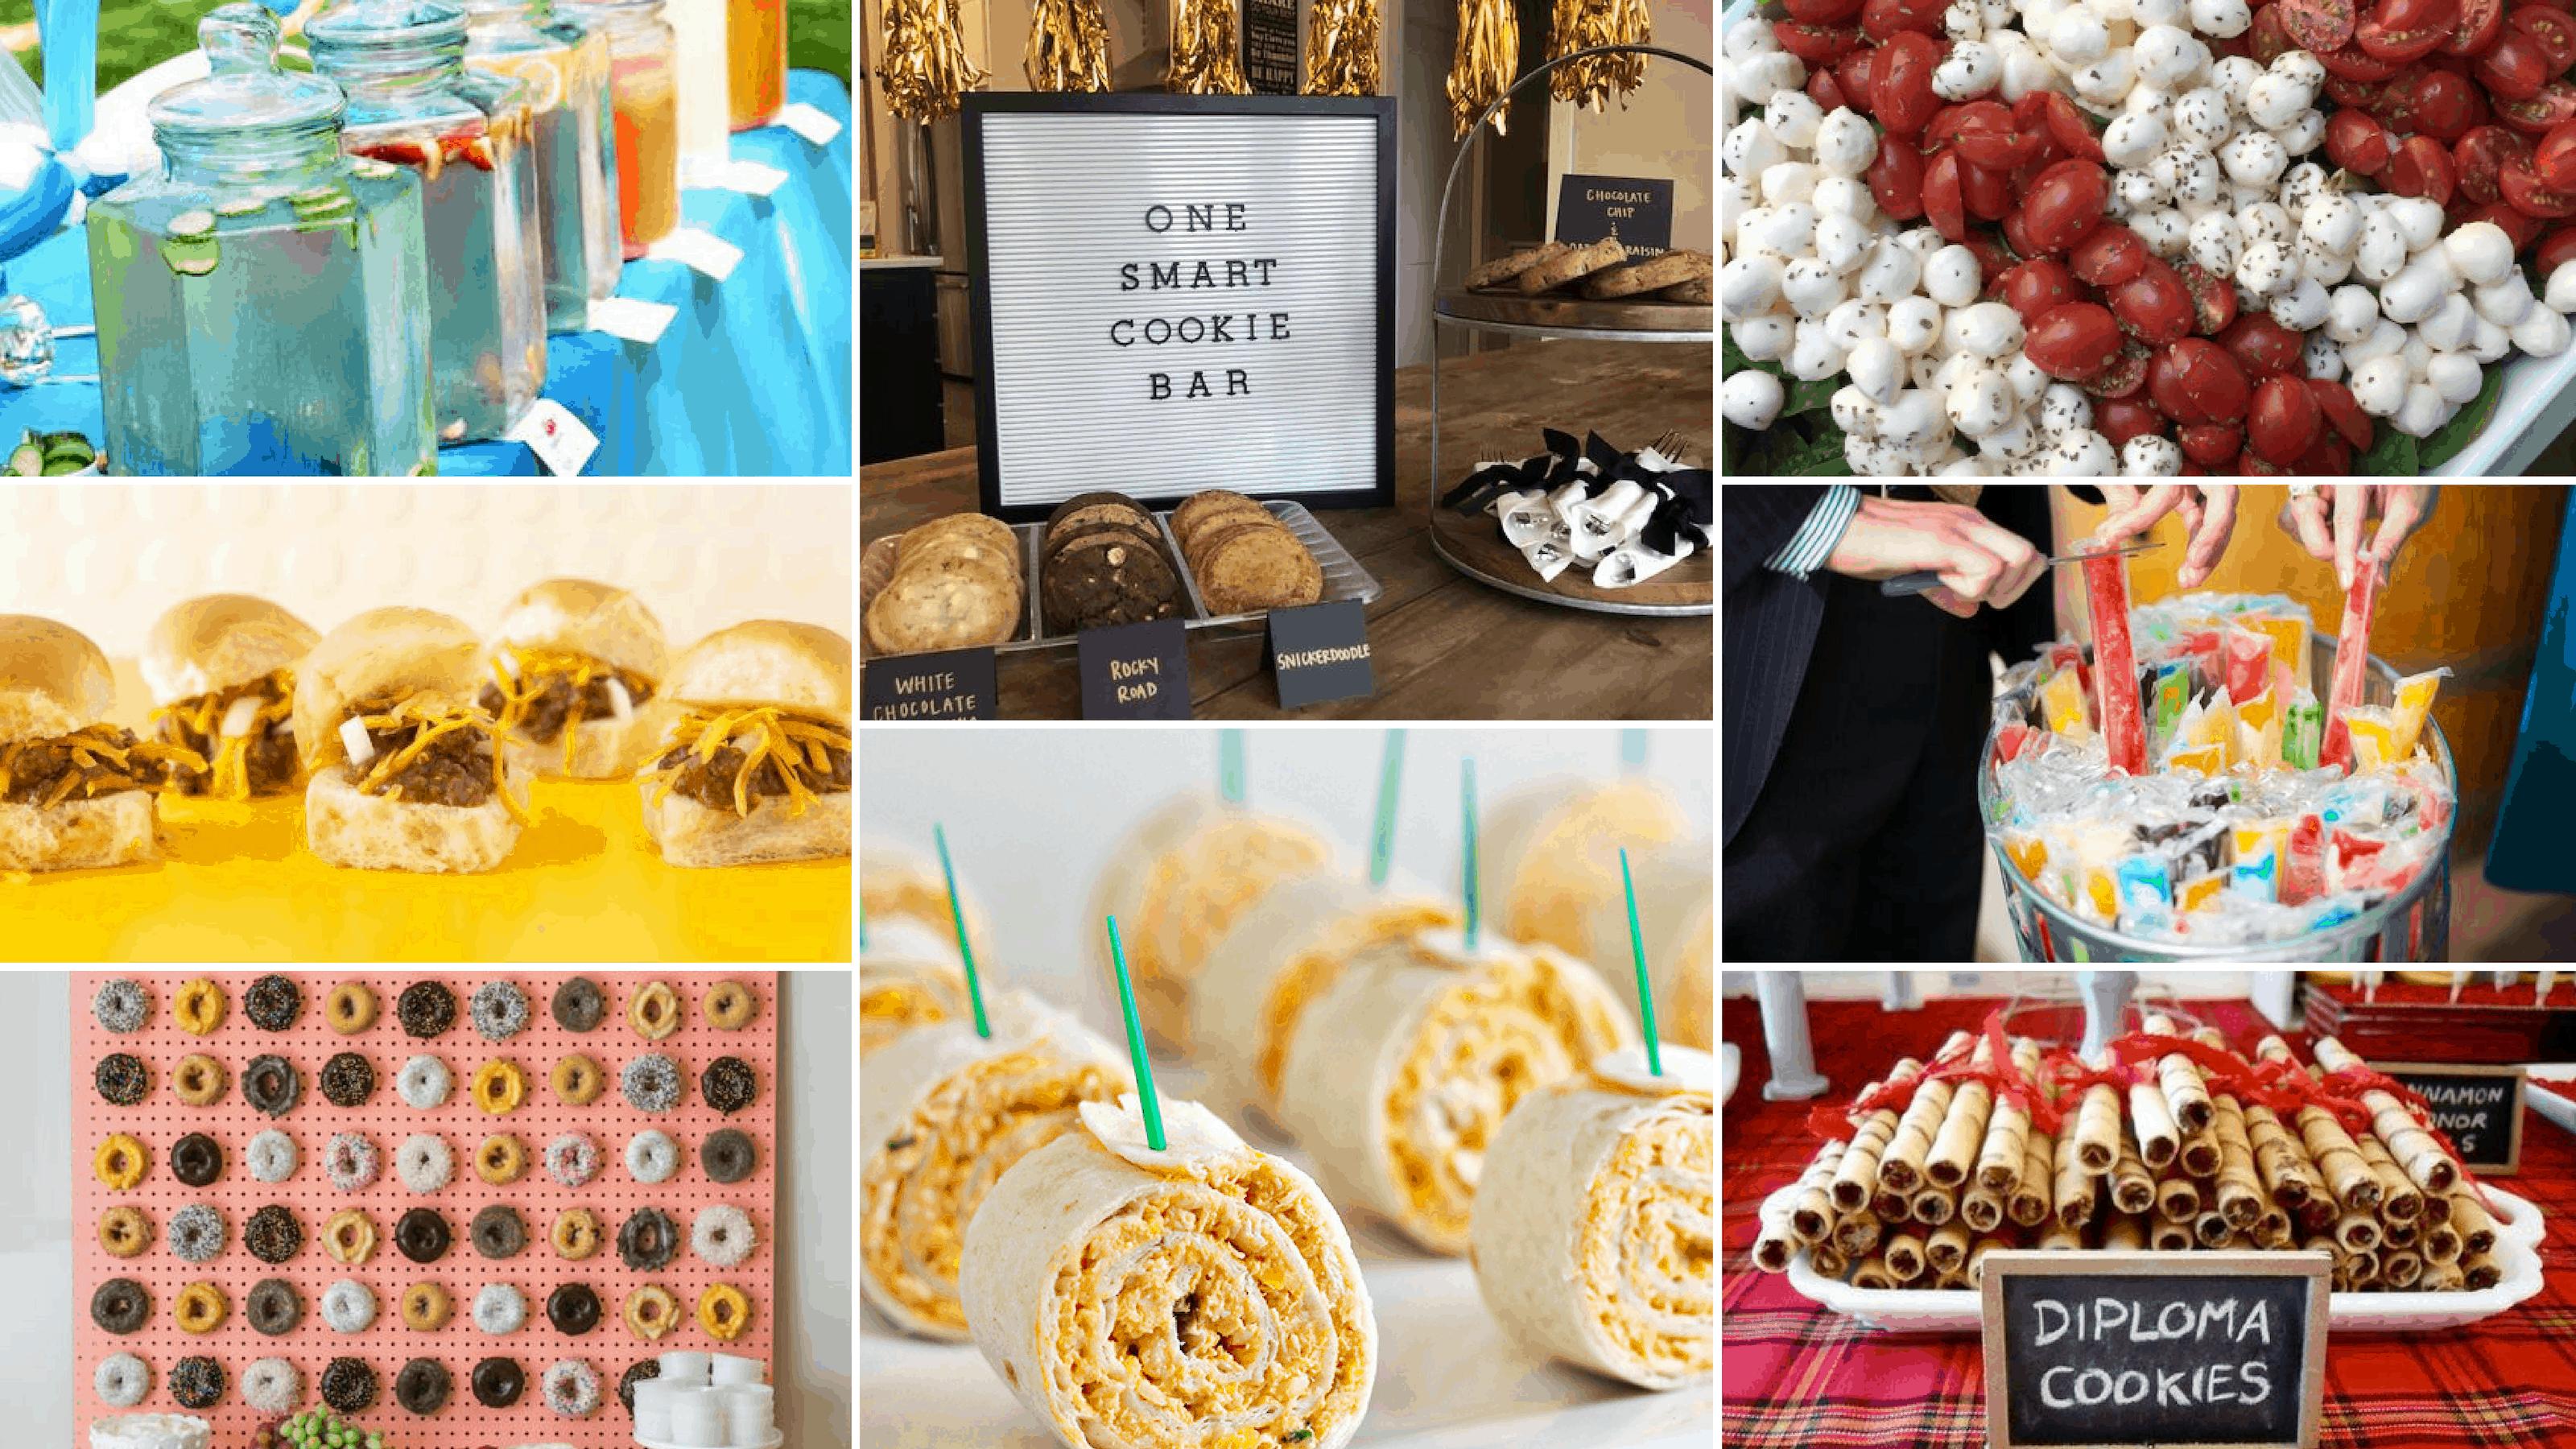 Best Graduation Party Food Ideas 22 Delicious Graduation Party